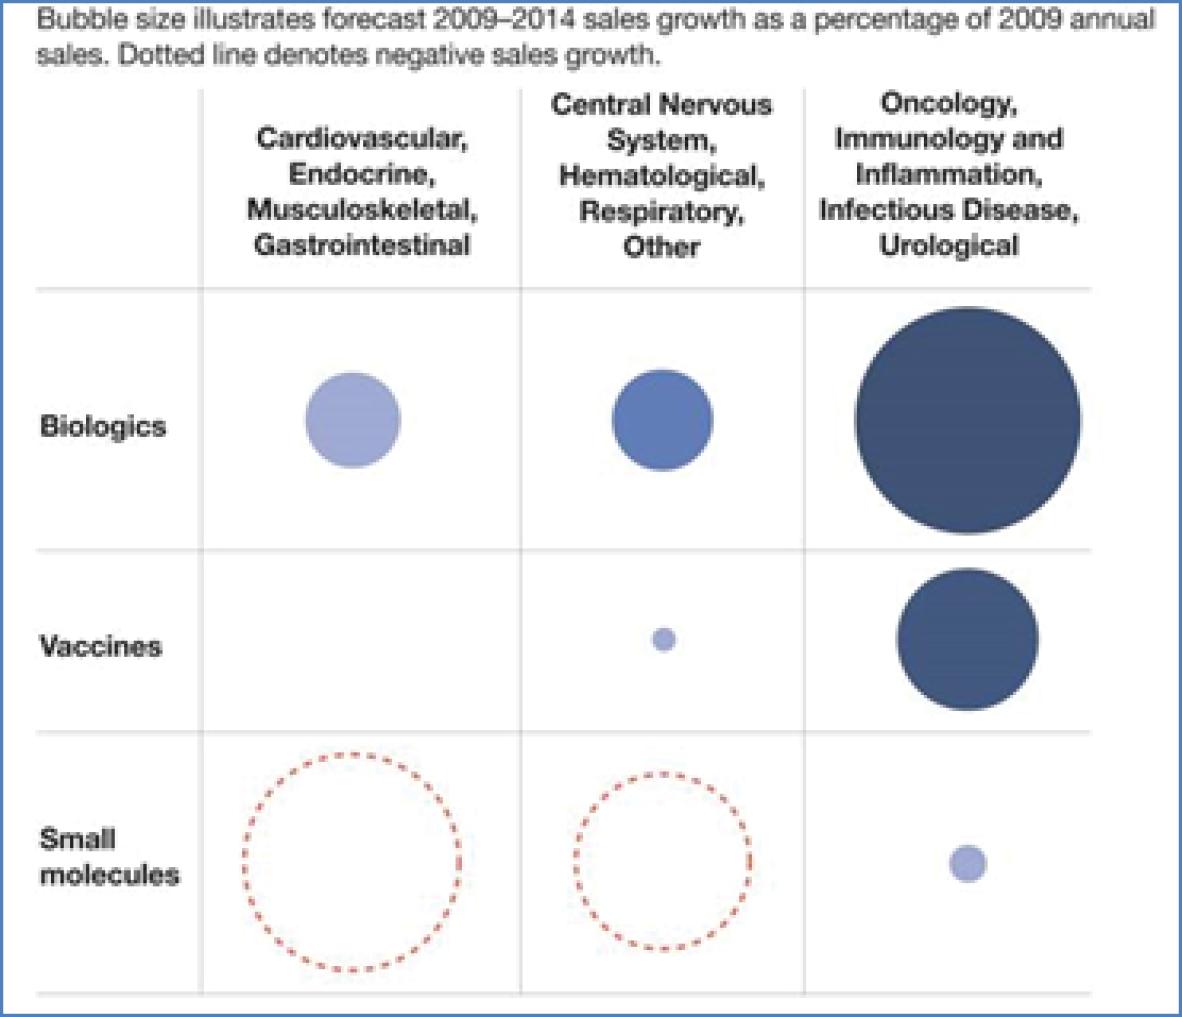 productos biológicos, vacunas, moléculas pequeñas, tabla cardiovascular endocrina gastrointestinal músculoesqueletico y crecimiento de las ventas y el tamaño del mercado